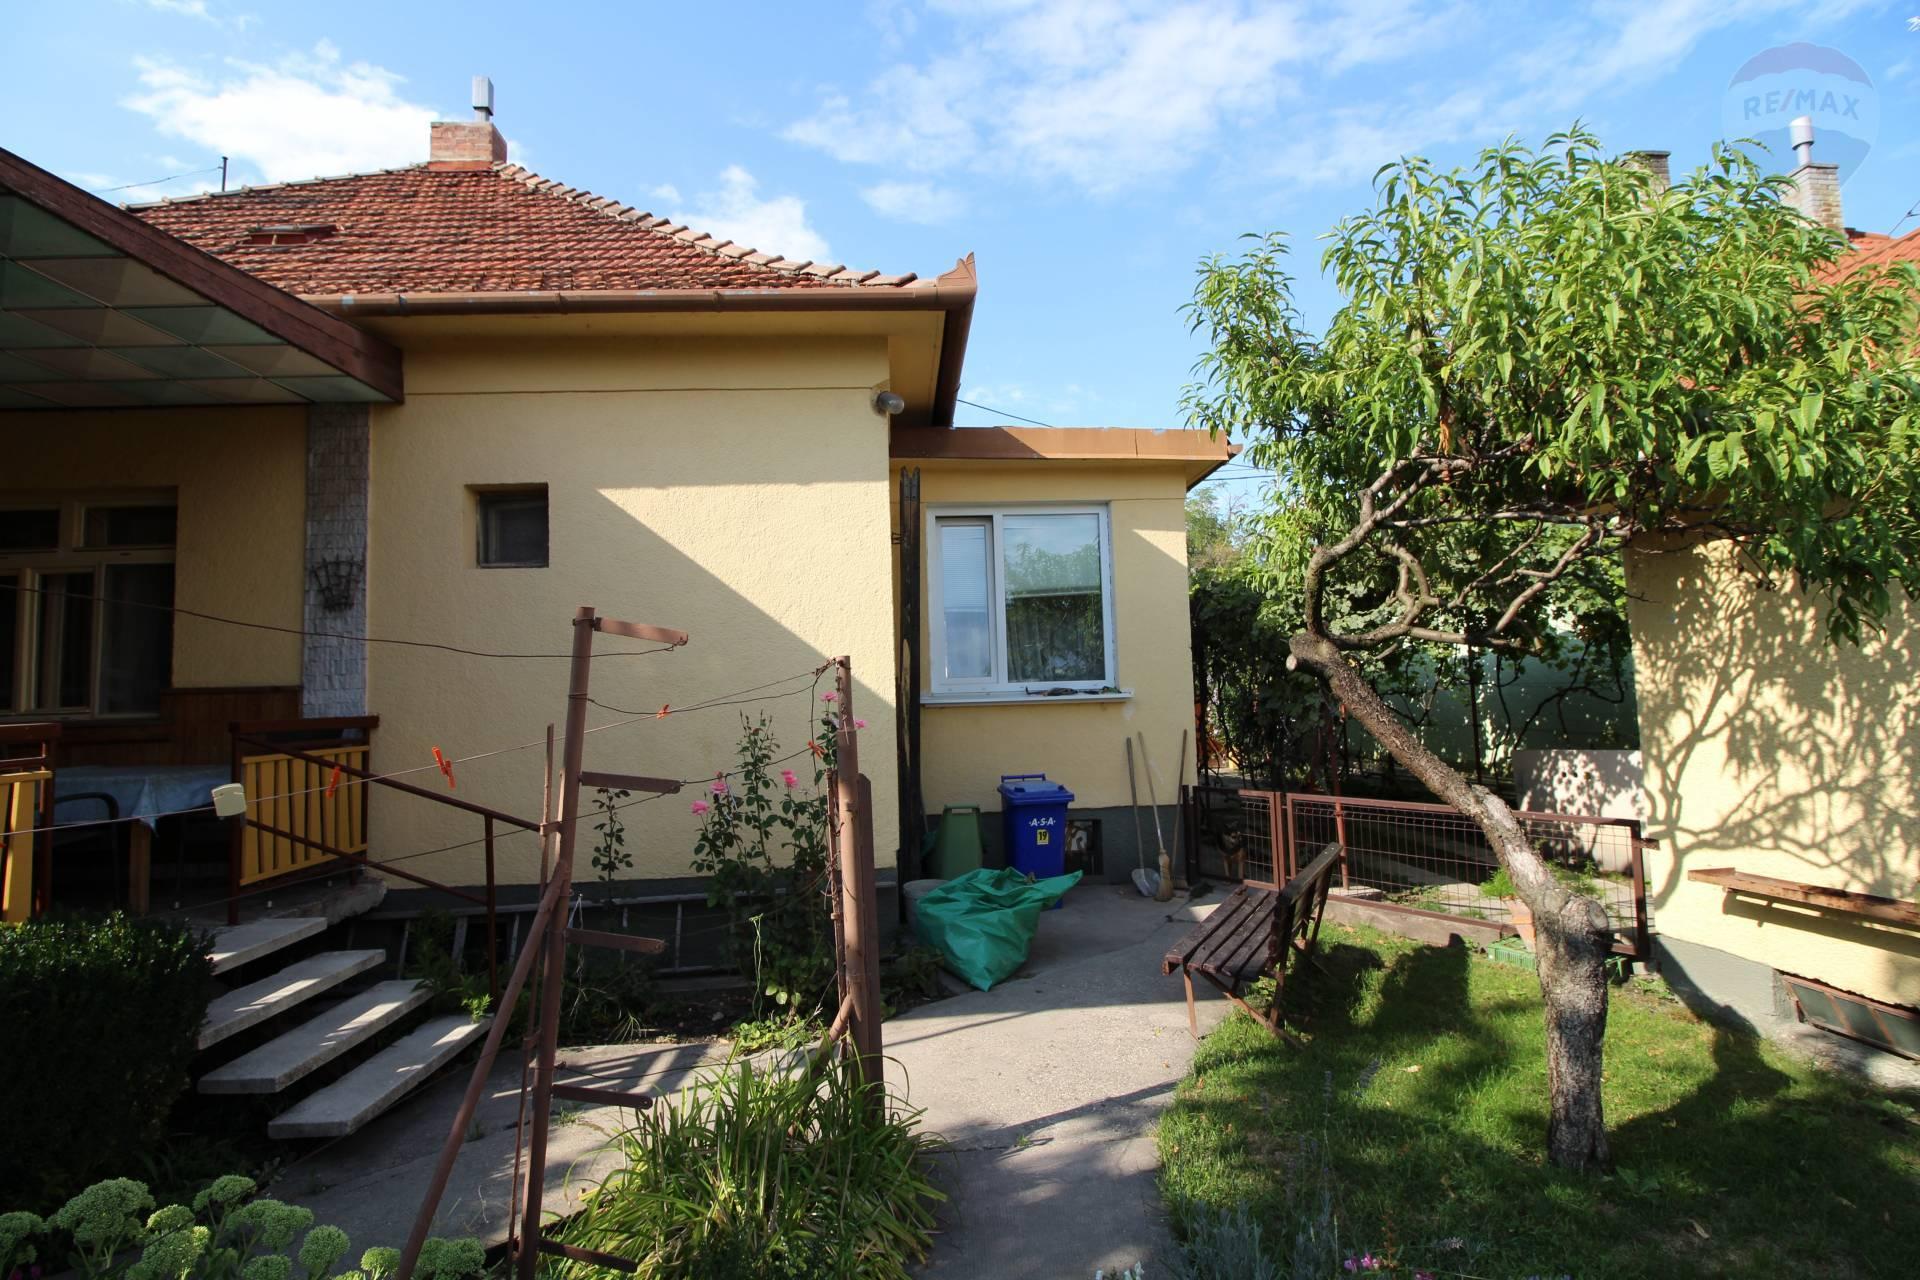 Predaj: 4-izbový rodinný dom , čiastočná rekonštrukcia, Dunajská Streda